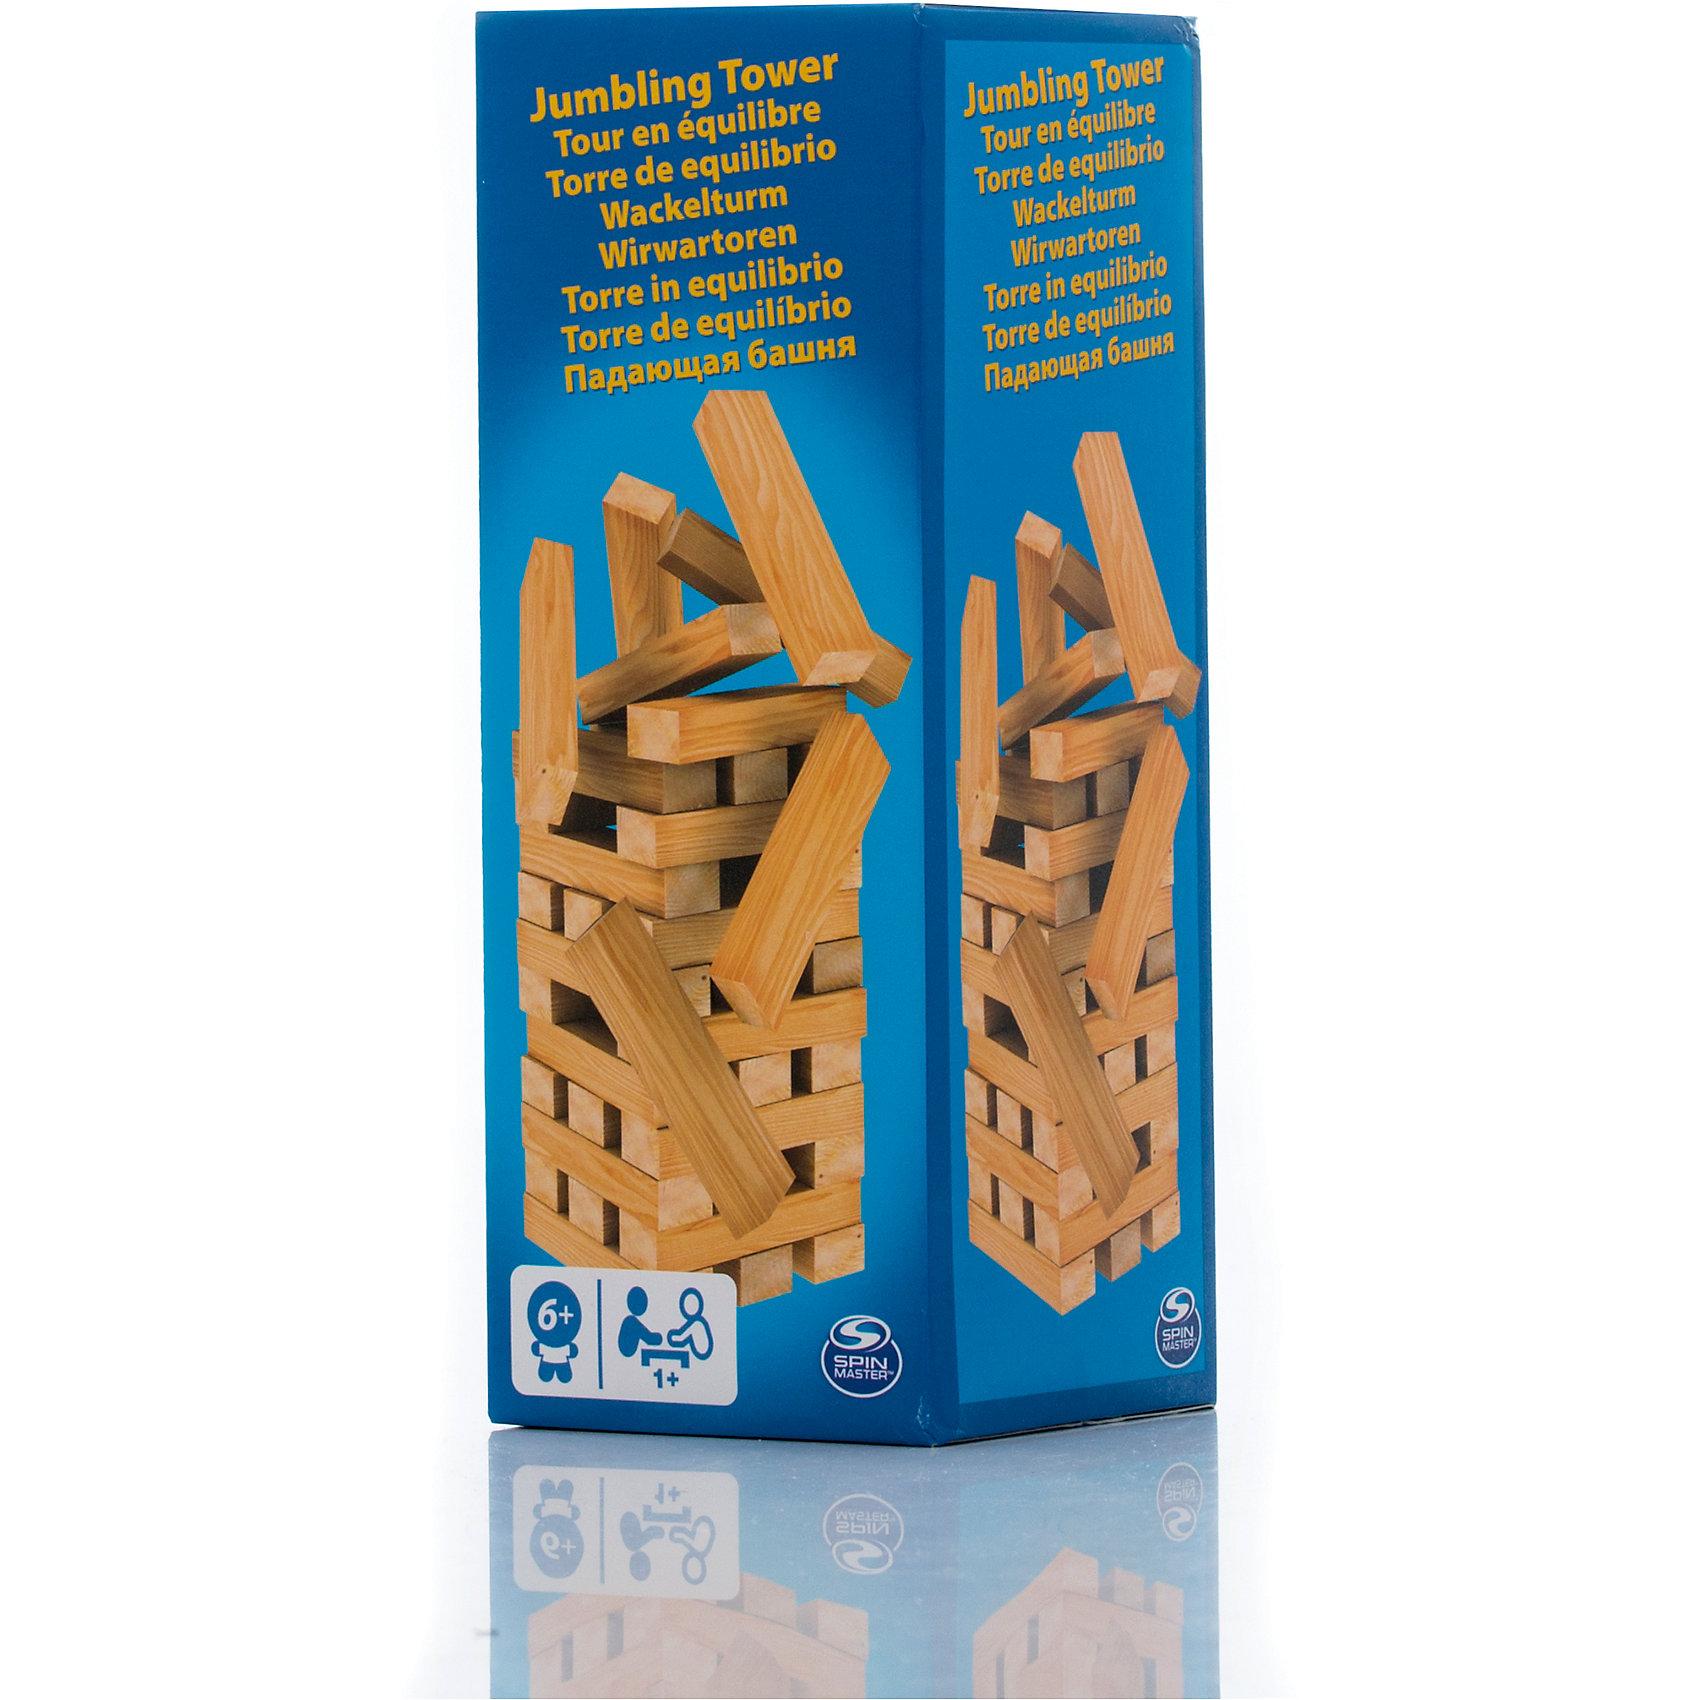 Настольная игра Падающая башня, 39 блоков, Spin MasterНастольные игры<br>Характеристики товара:<br><br>• возраст от 6 лет;<br>• материал: дерево;<br>• в комплекте: 39 блоков;<br>• максимальное количество игроков: 4 человека;<br>• размер блока 7,5 см;<br>• размер упаковки 21х8х8 см;<br>• страна производитель: Китай.<br><br>Настольная игра «Падающая башня» Spin Master — увлекательная игра для компании до 4 человек. Цель игры — построить высокую башню, а затем убирать из нее по одному брусочку и помещать его наверх. Только следует быть аккуратным и внимательным, вынимая брусочки. Башня не должна упасть, иначе игрок проиграет. Игра тренирует внимательность, аккуратность, смекалку, ловкость. <br><br>Настольную игру «Падающая башня» Spin Master можно приобрести в нашем интернет-магазине.<br><br>Ширина мм: 80<br>Глубина мм: 80<br>Высота мм: 210<br>Вес г: 718<br>Возраст от месяцев: 72<br>Возраст до месяцев: 2147483647<br>Пол: Унисекс<br>Возраст: Детский<br>SKU: 6728771